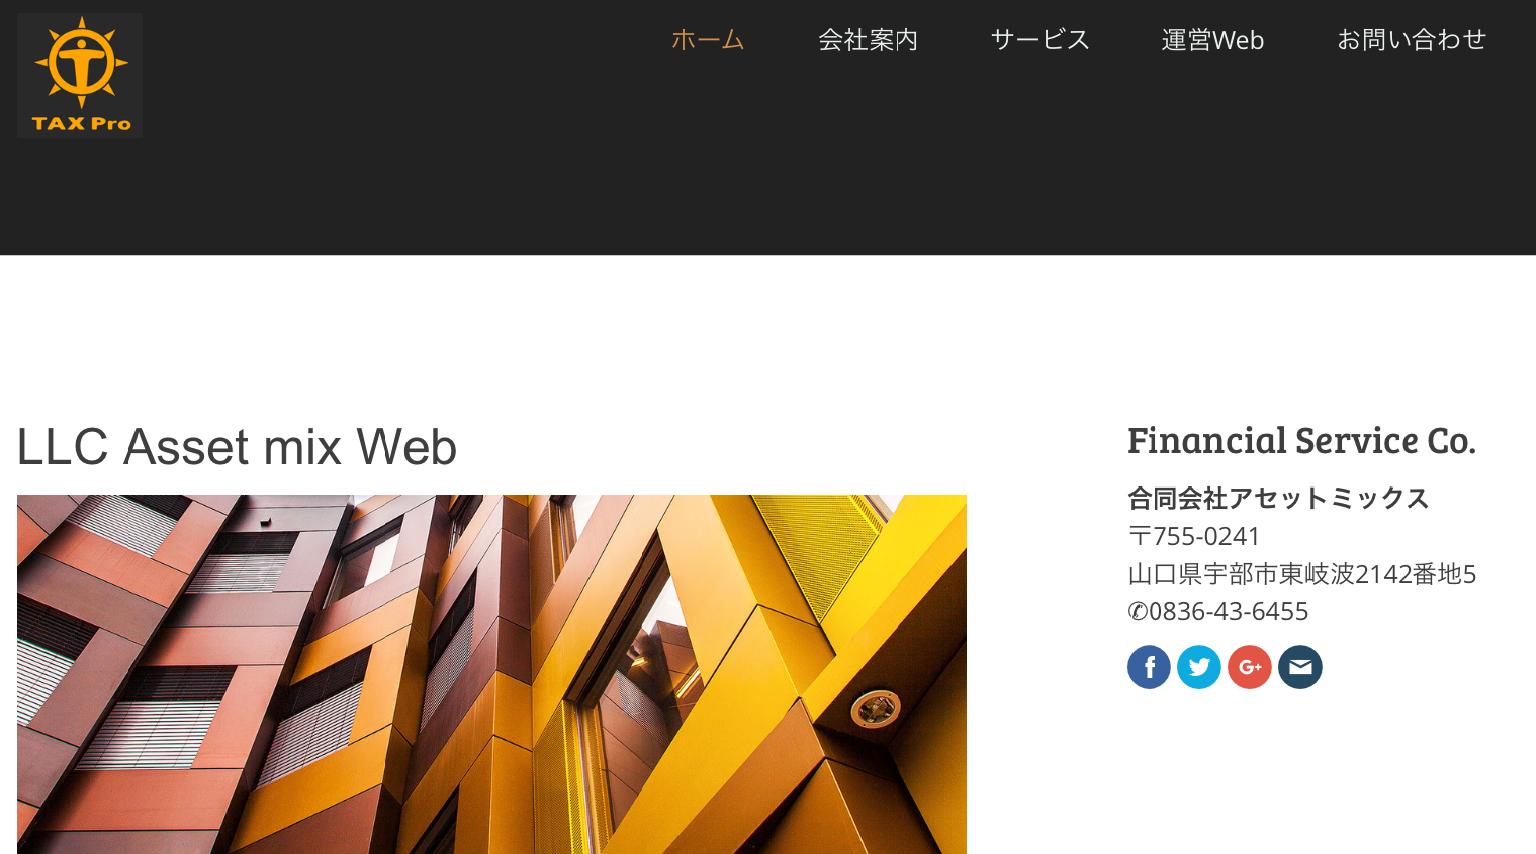 関連会社サイト